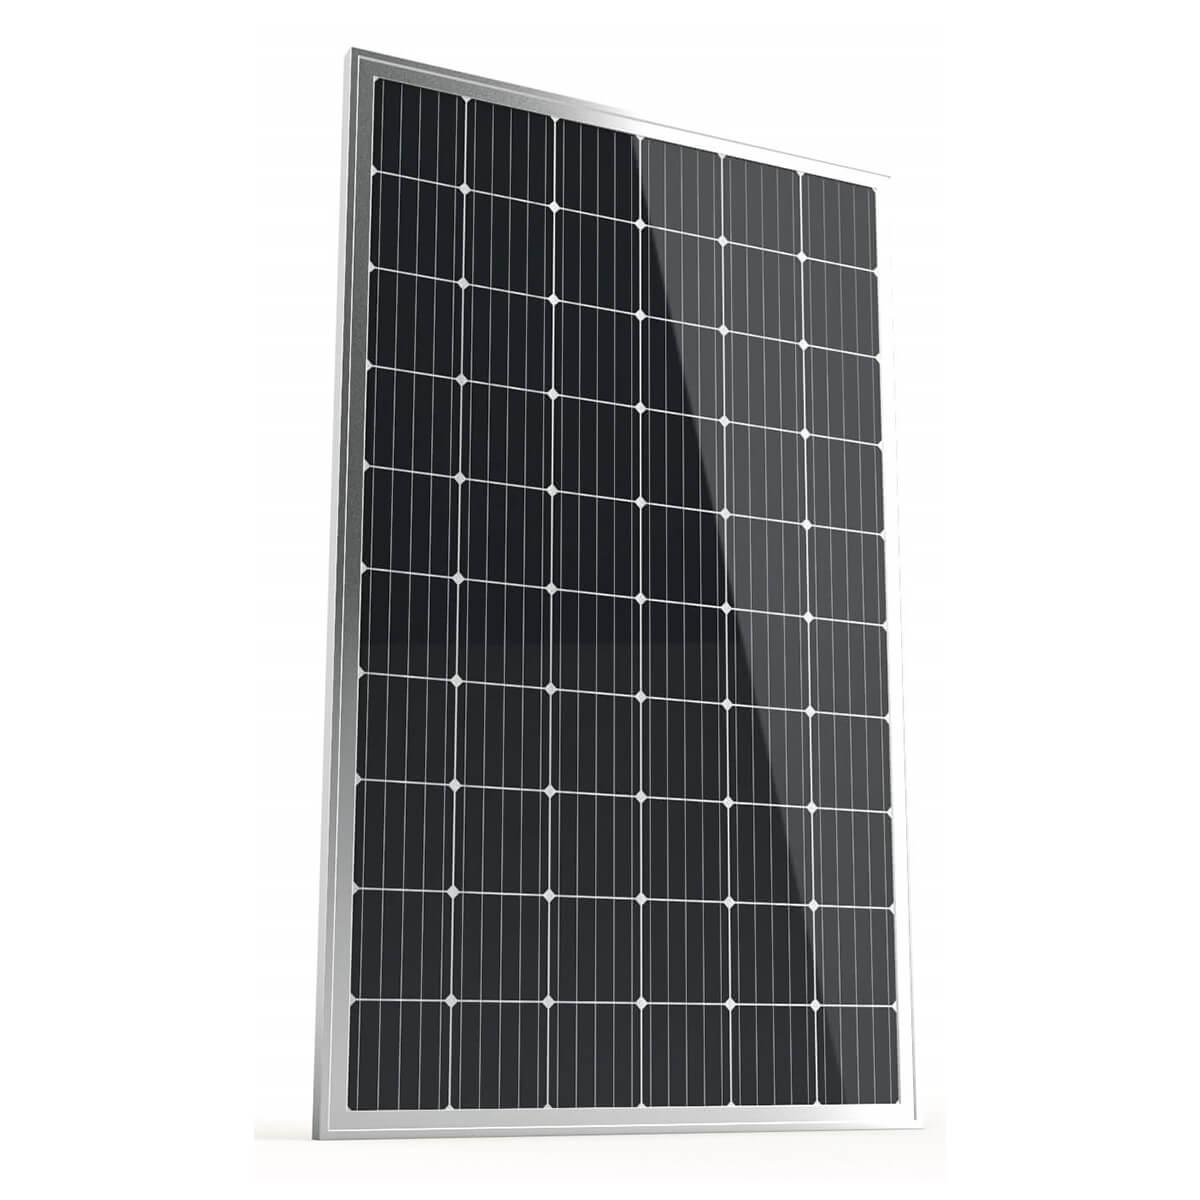 2h enerji winasol 330W panel, 2h enerji winasol 330Watt panel, 2h enerji winasol 330 W panel, 2h enerji winasol 330 Watt panel, 2h enerji winasol 330 Watt monokristal panel, 2h enerji winasol 330 W watt gunes paneli, 2h enerji winasol 330 W watt monokristal gunes paneli, 2h enerji winasol 330 W Watt fotovoltaik monokristal solar panel, 2h enerji winasol 330W monokristal gunes enerjisi, 2h enerji winasol 60-M3-330W panel, WINASOL 330 WATT